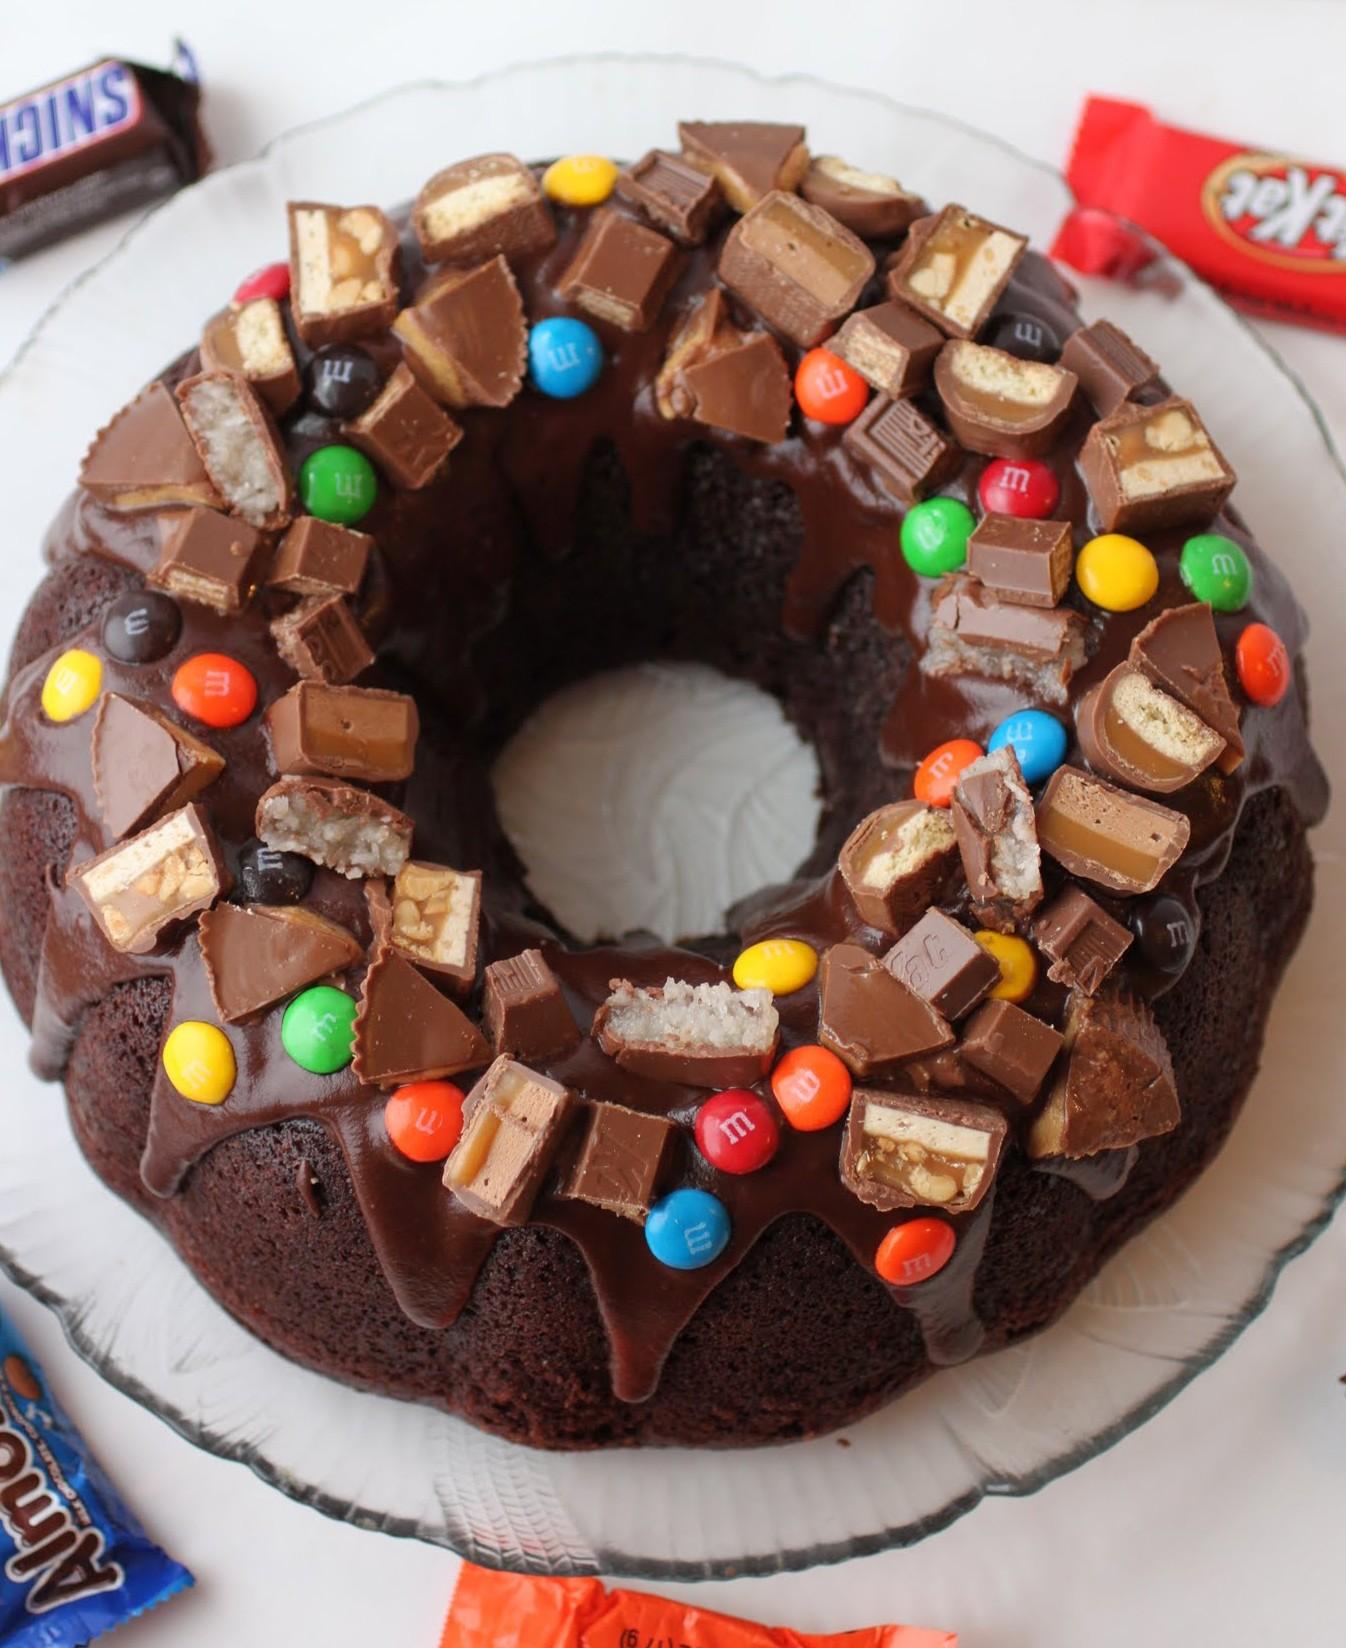 Candy Bar Chocolate Bundt Cake